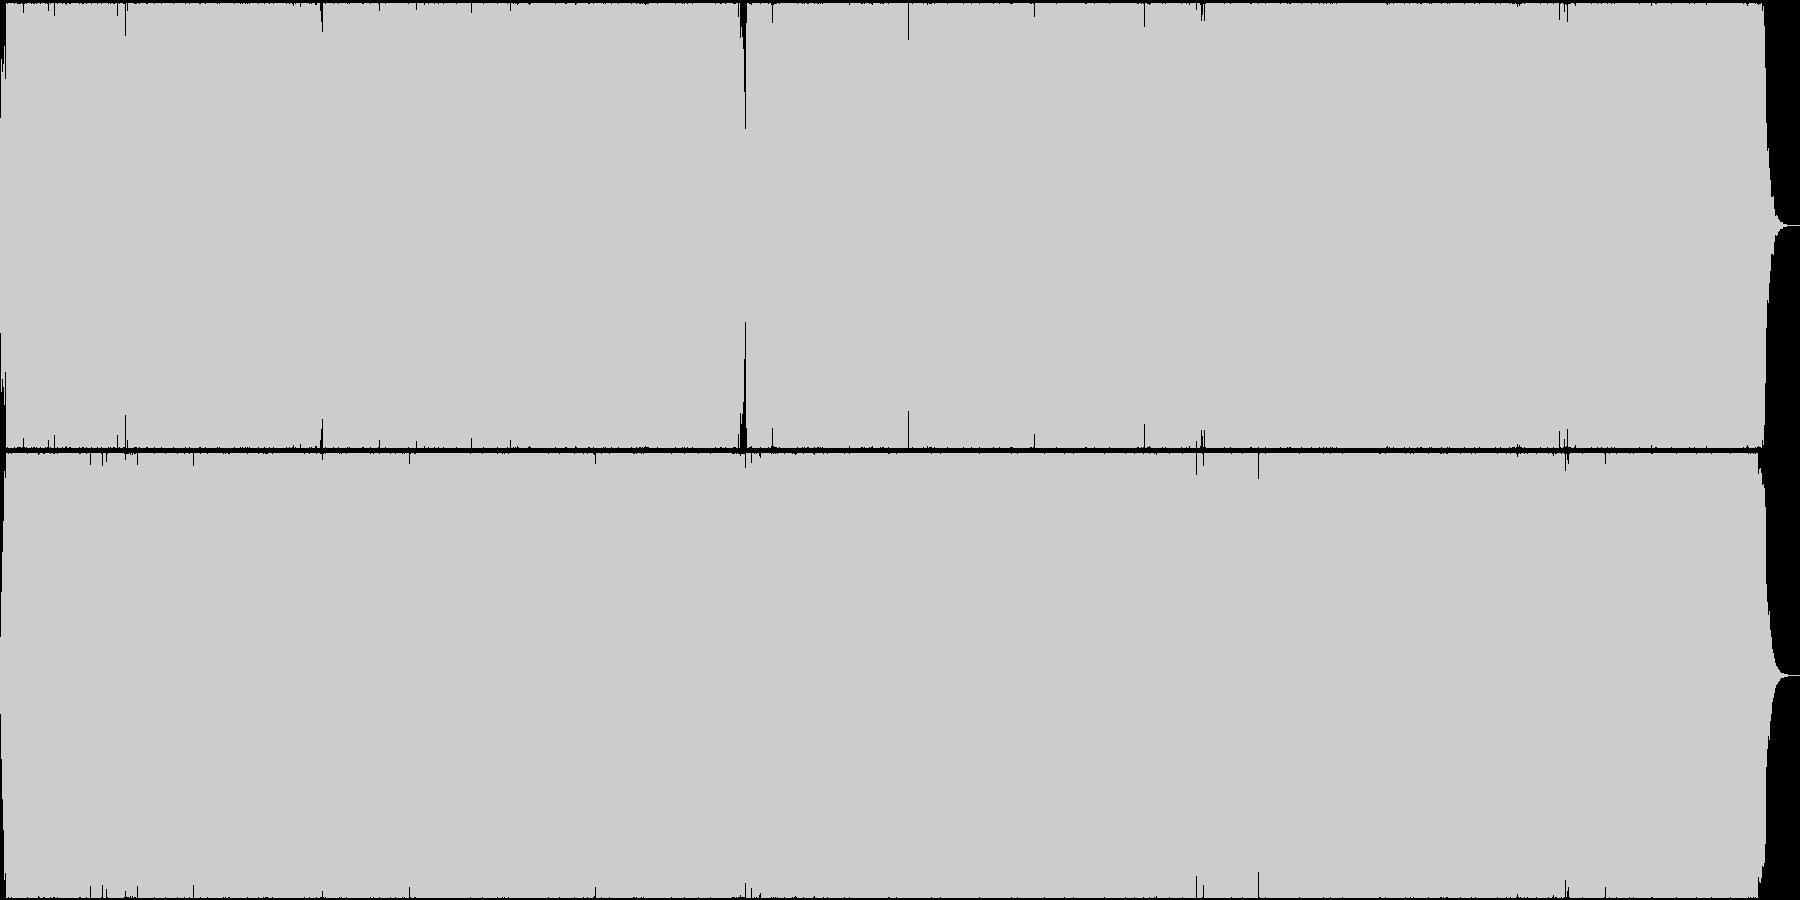 二胡(生演奏) 疾走感のある曲の未再生の波形